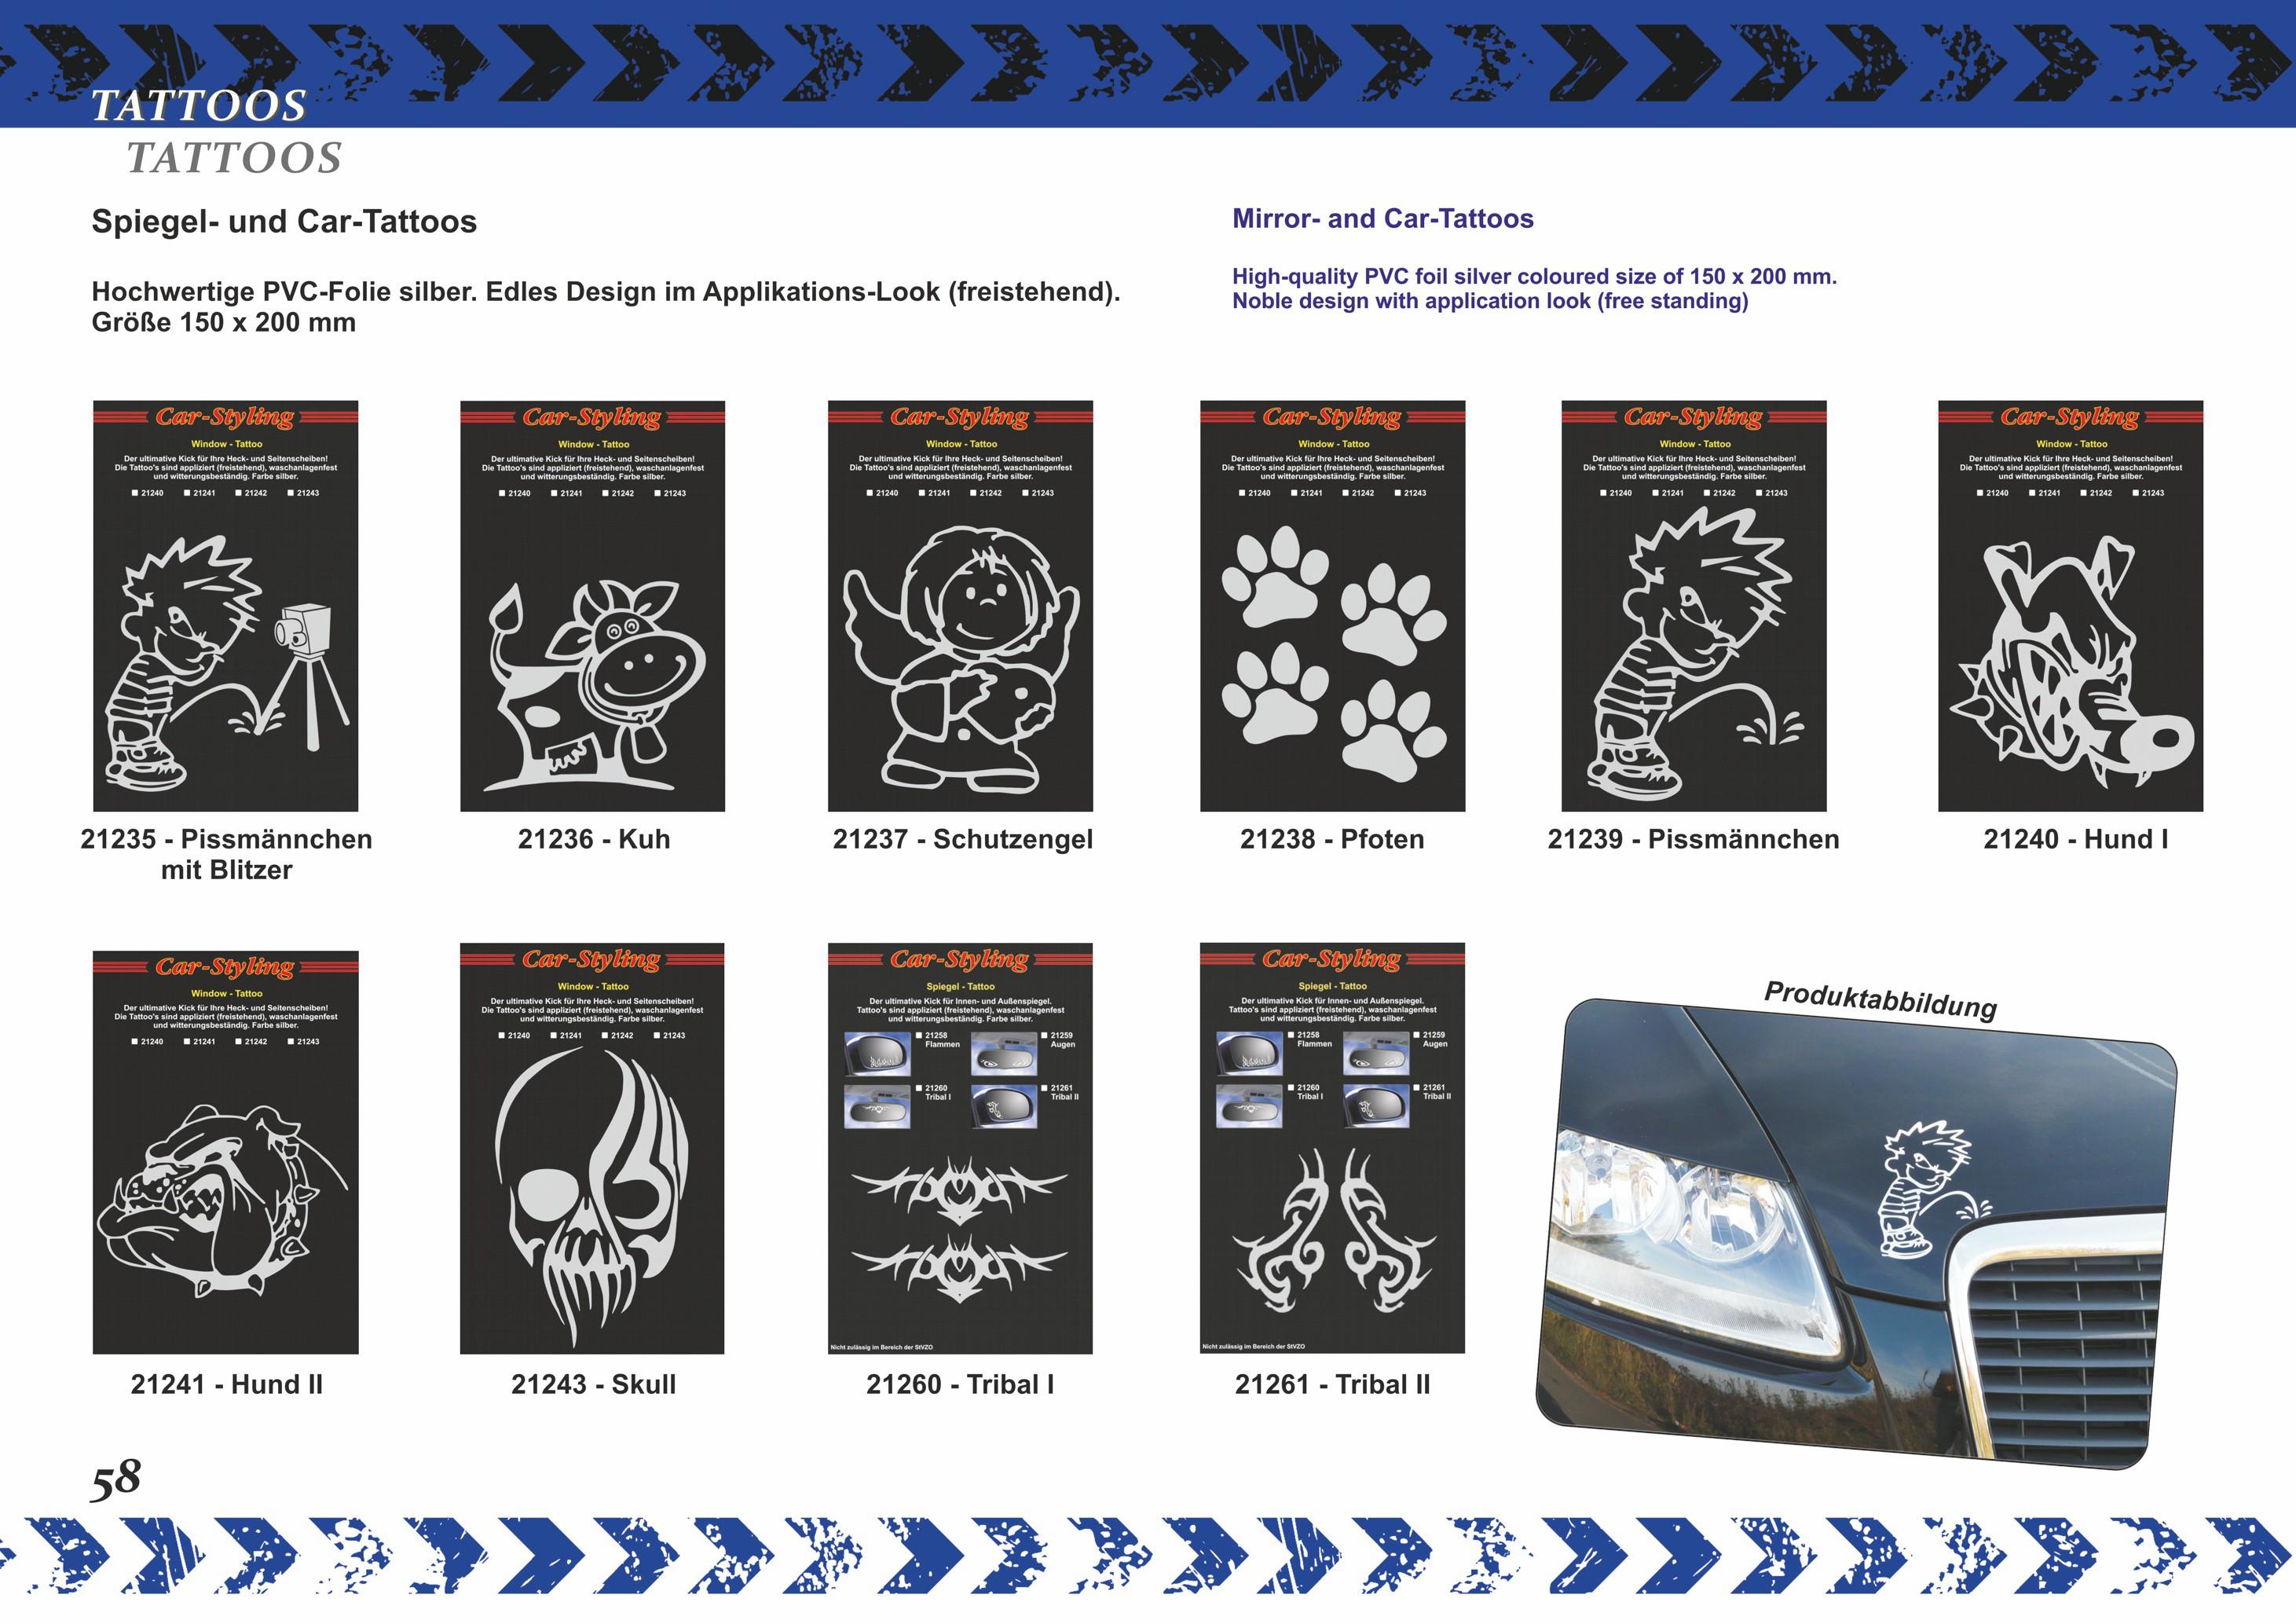 Aufkleber Spiegel- und Car-Tattoo Polizeikontrolle – Bild 7